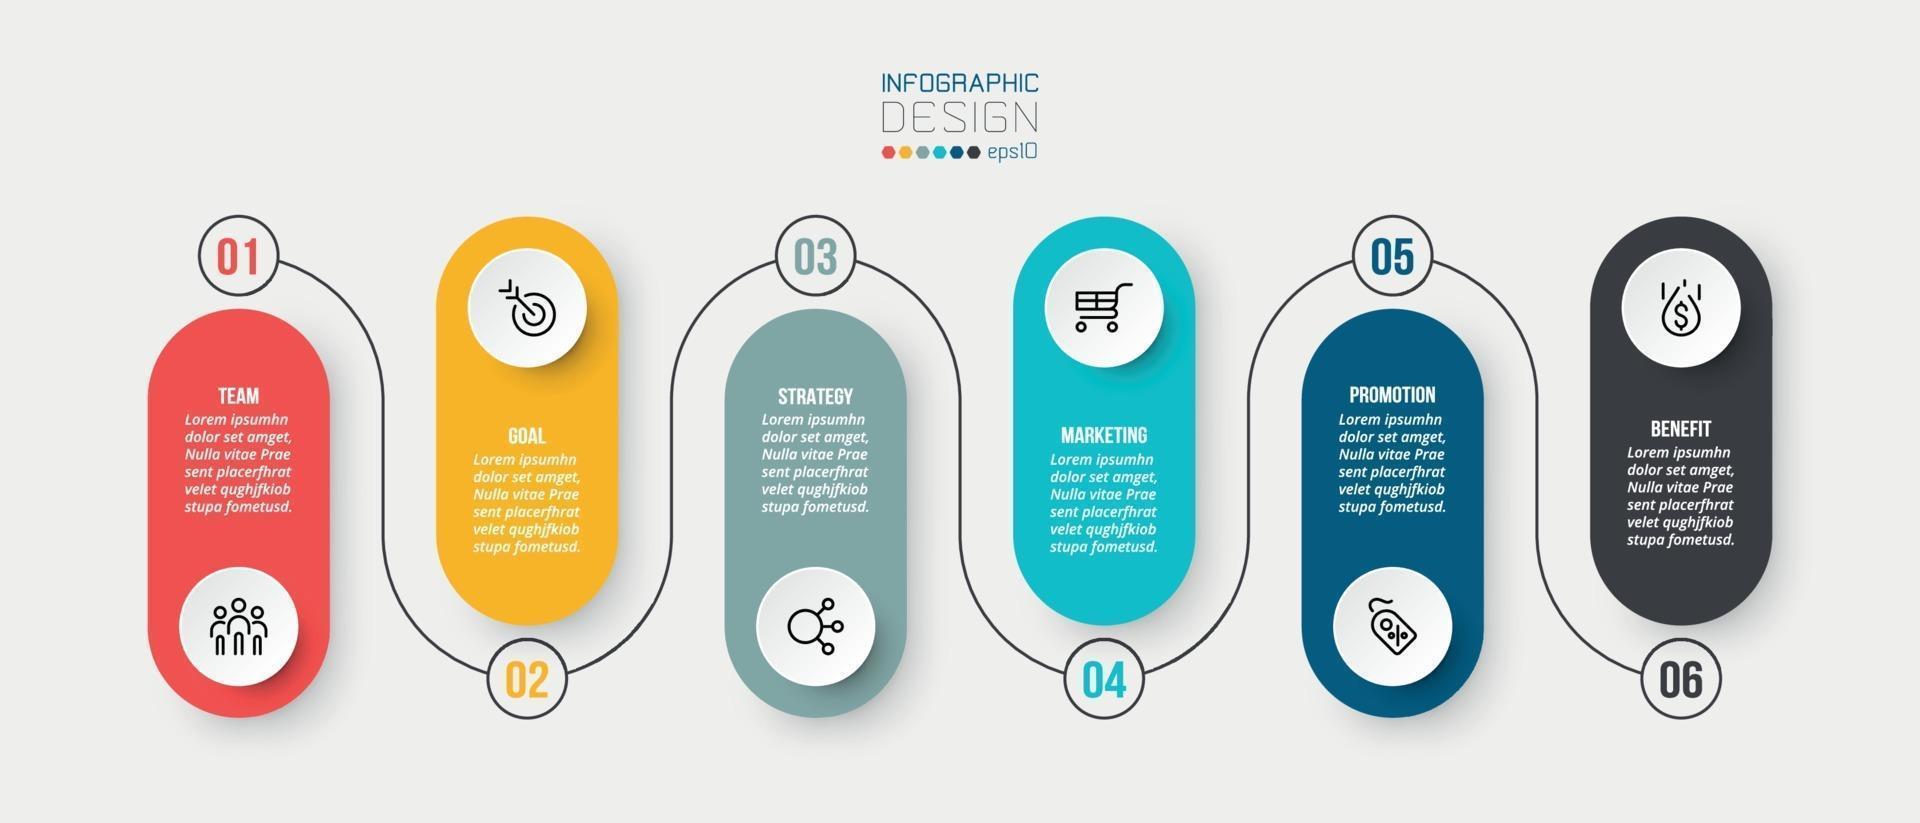 modèle d'infographie entreprise graphique chronologique. vecteur